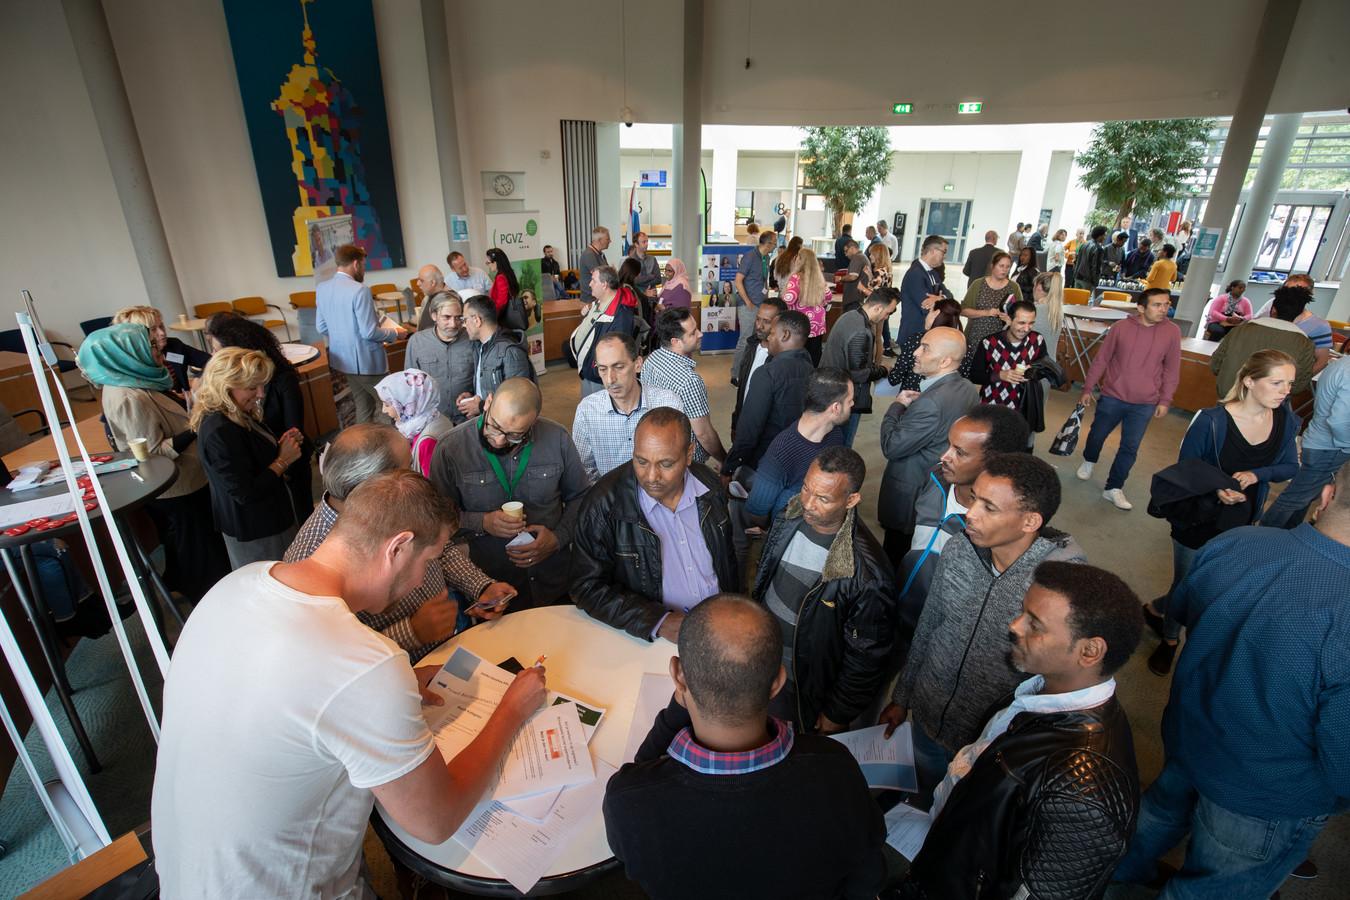 IMpact hield dinsdagmiddag een banenmarkt voor statushouders uit Kampen en Dronten in het stadhuis van Kampen.